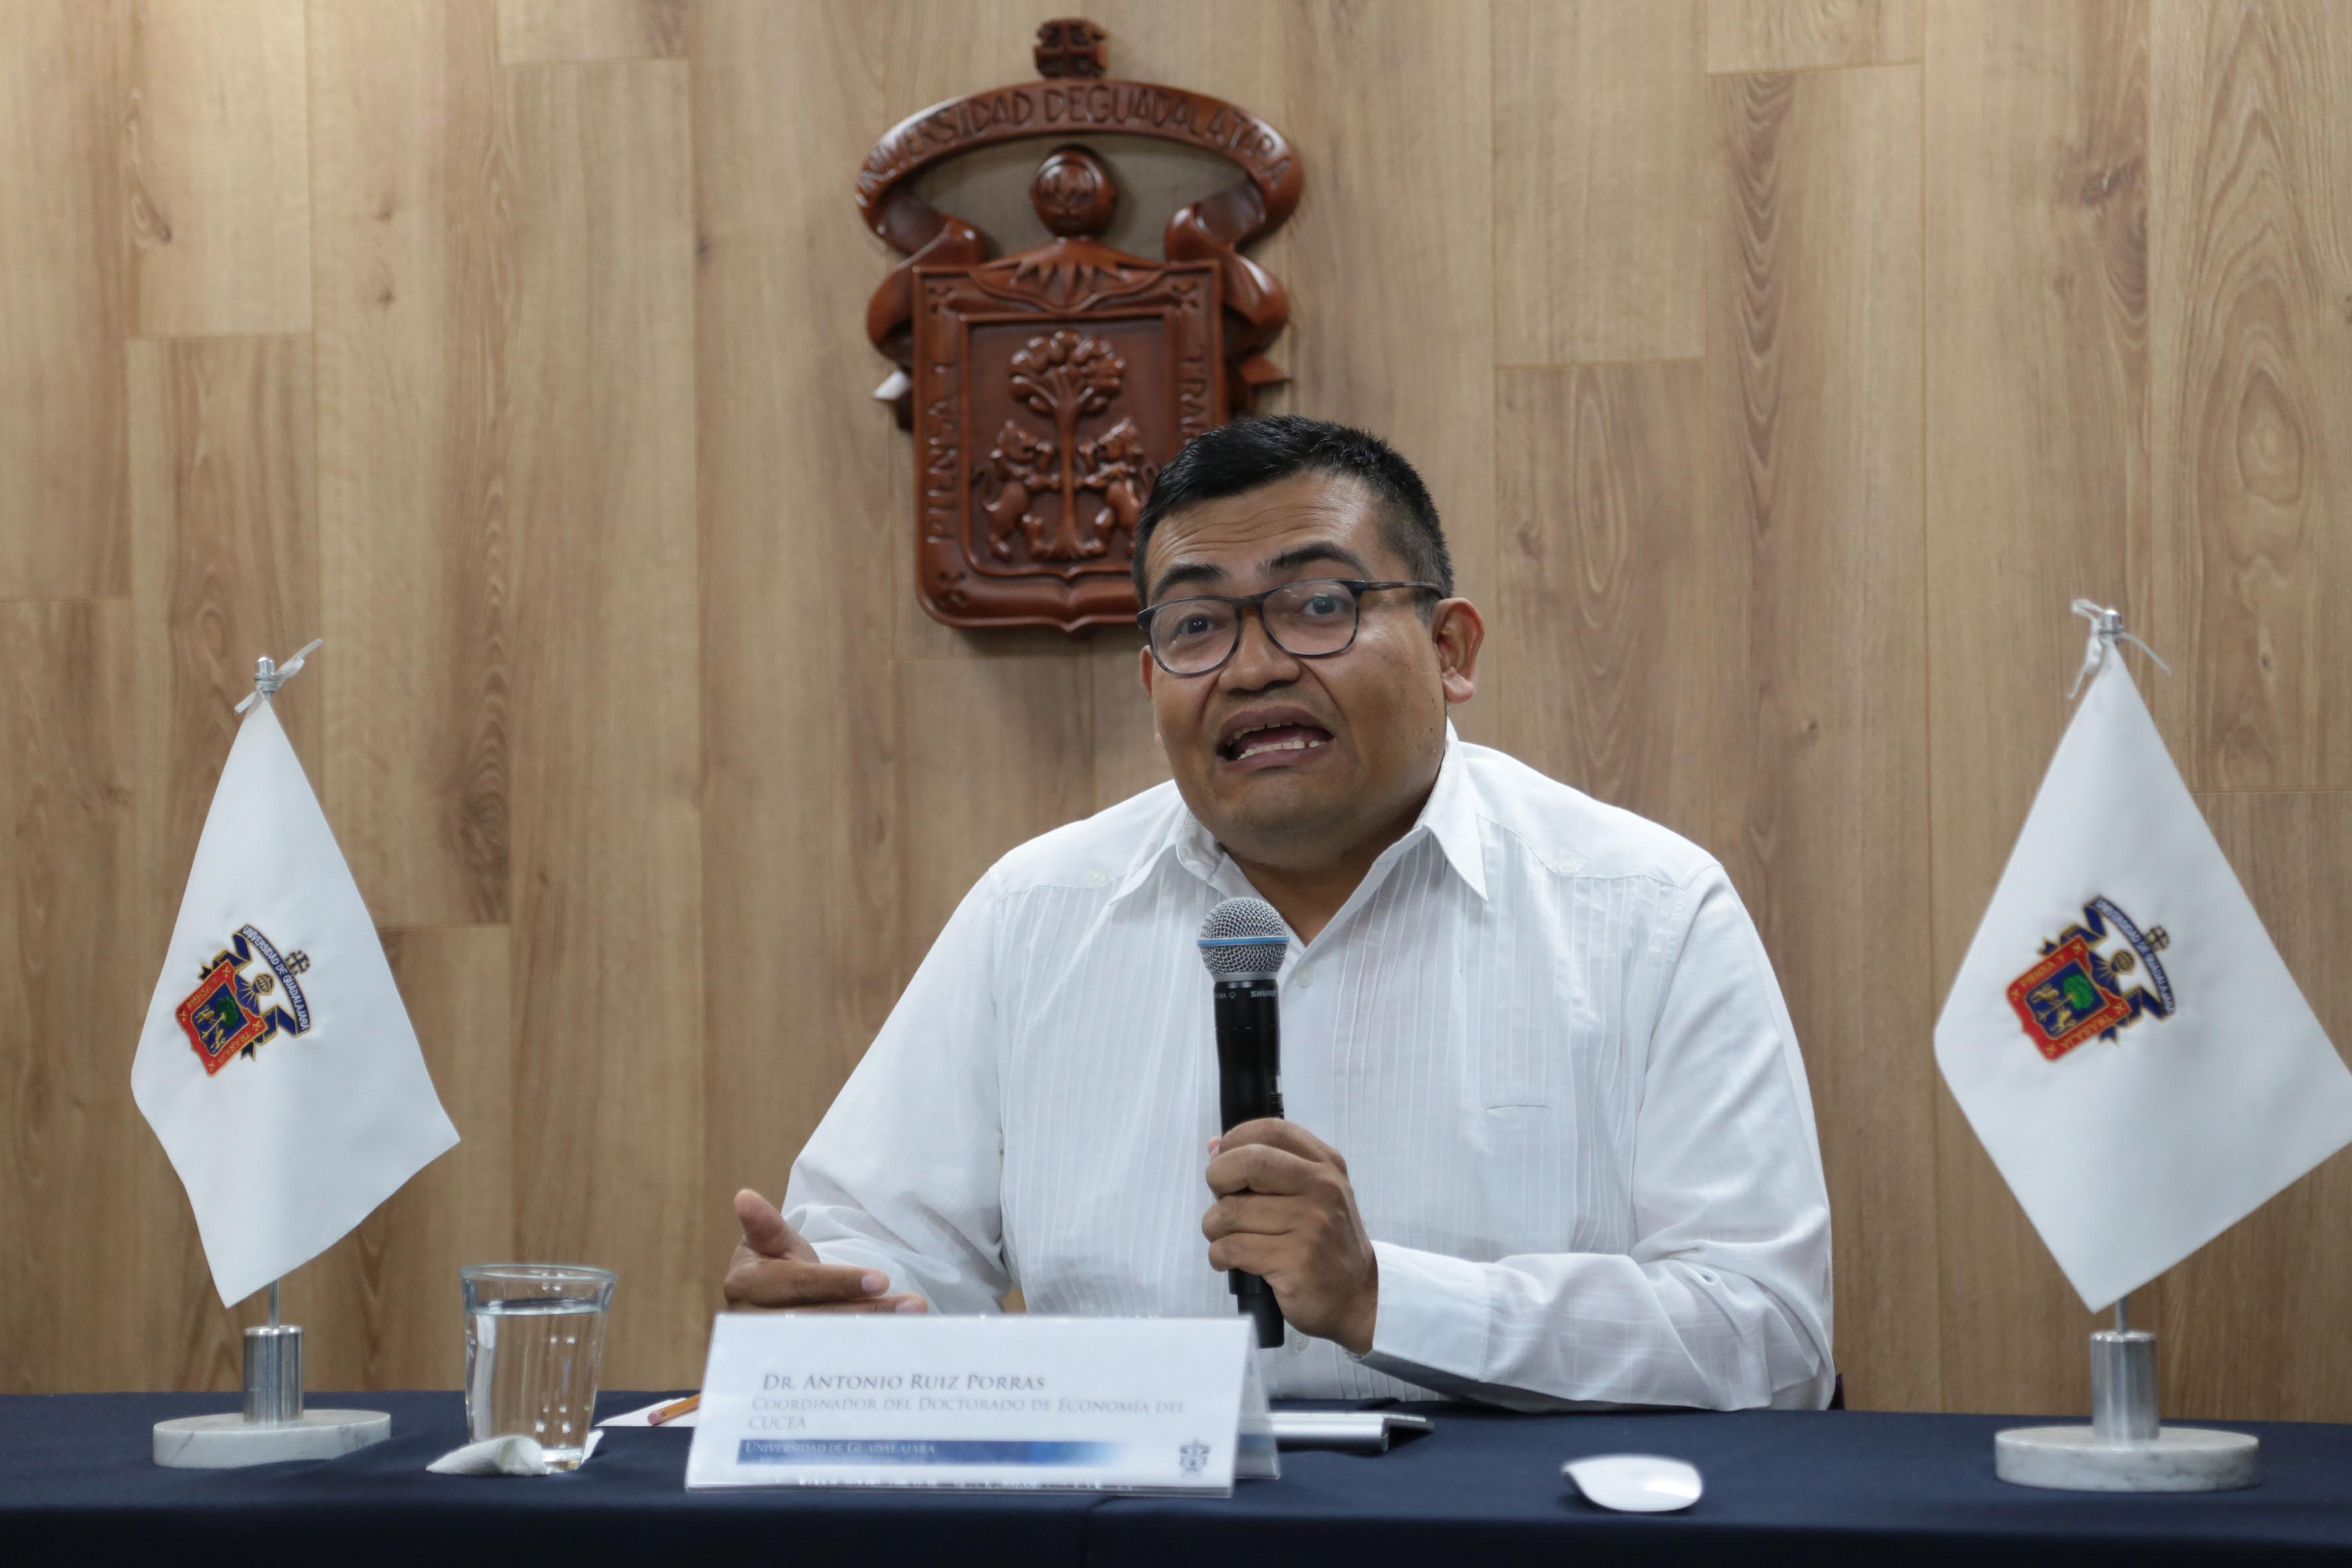 Coordinador del doctorado de Economía del Centro Universitario de Ciencias Económico Administrativas (CUCEA), de la Universidad de Guadalajara (UdeG), doctor Antonio Ruiz Porras participando en rueda de prensa